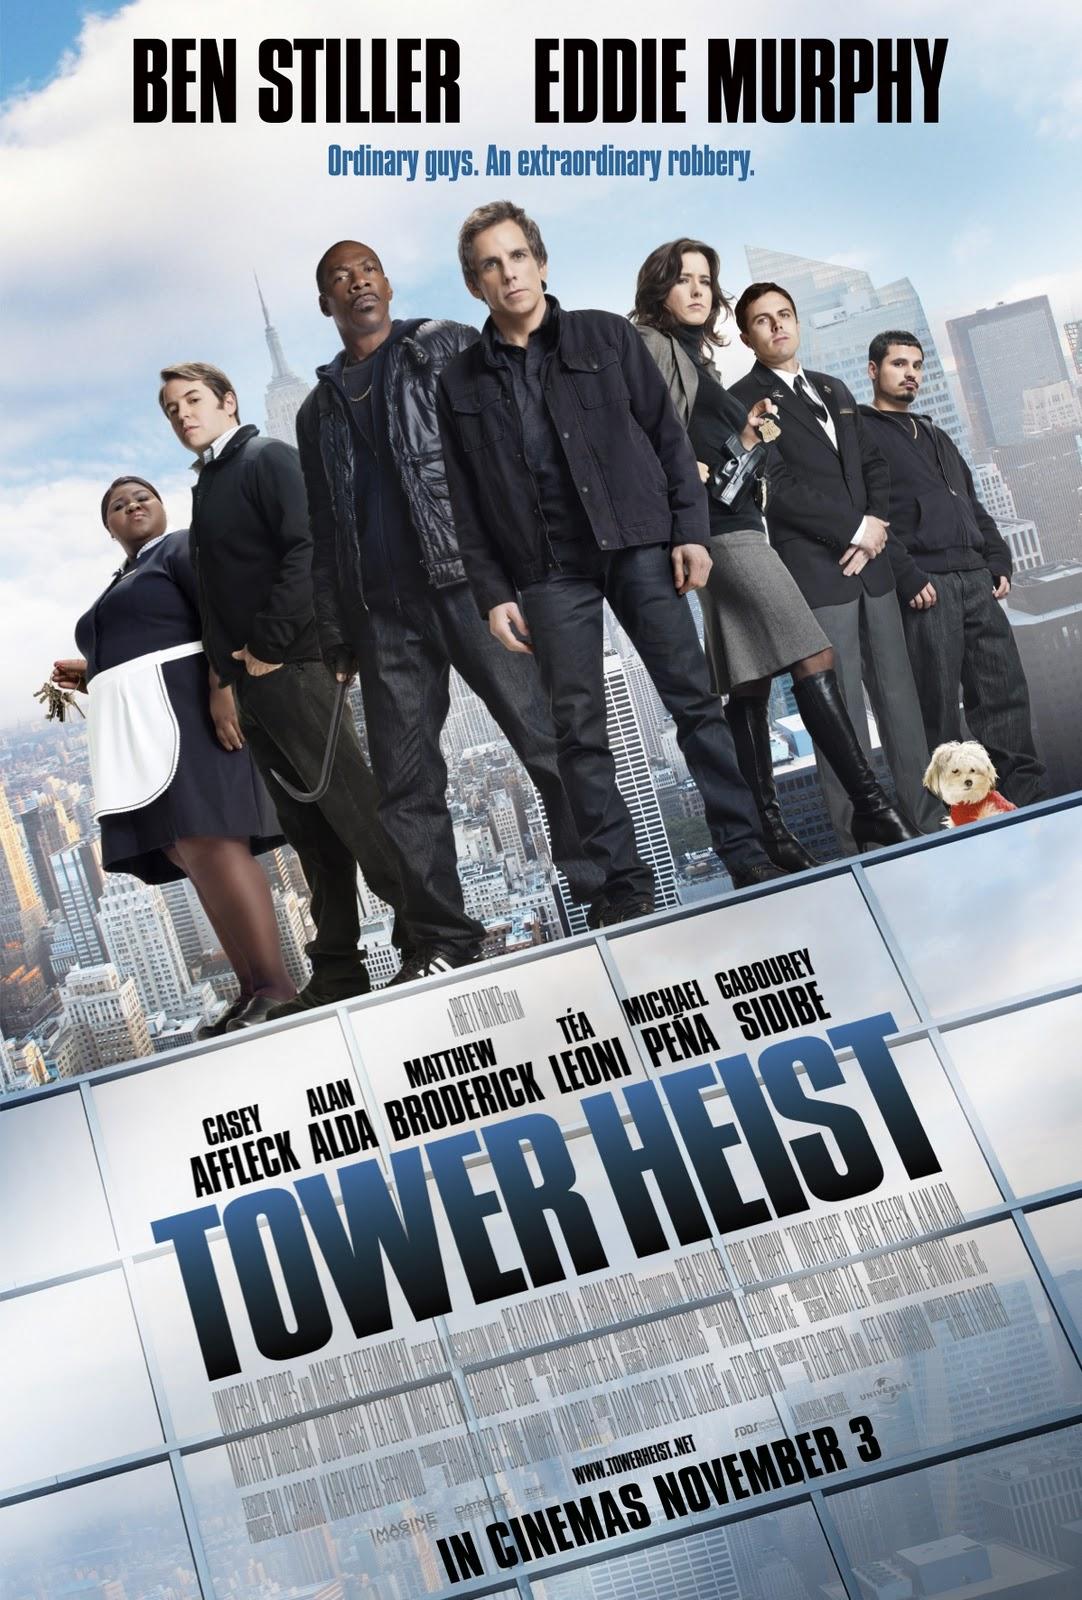 http://2.bp.blogspot.com/-wF9wi2upEzs/T5GovWDux8I/AAAAAAAABdA/AFqmTCRh-_M/s1600/Tower+Heist+Movie+Poster.jpg